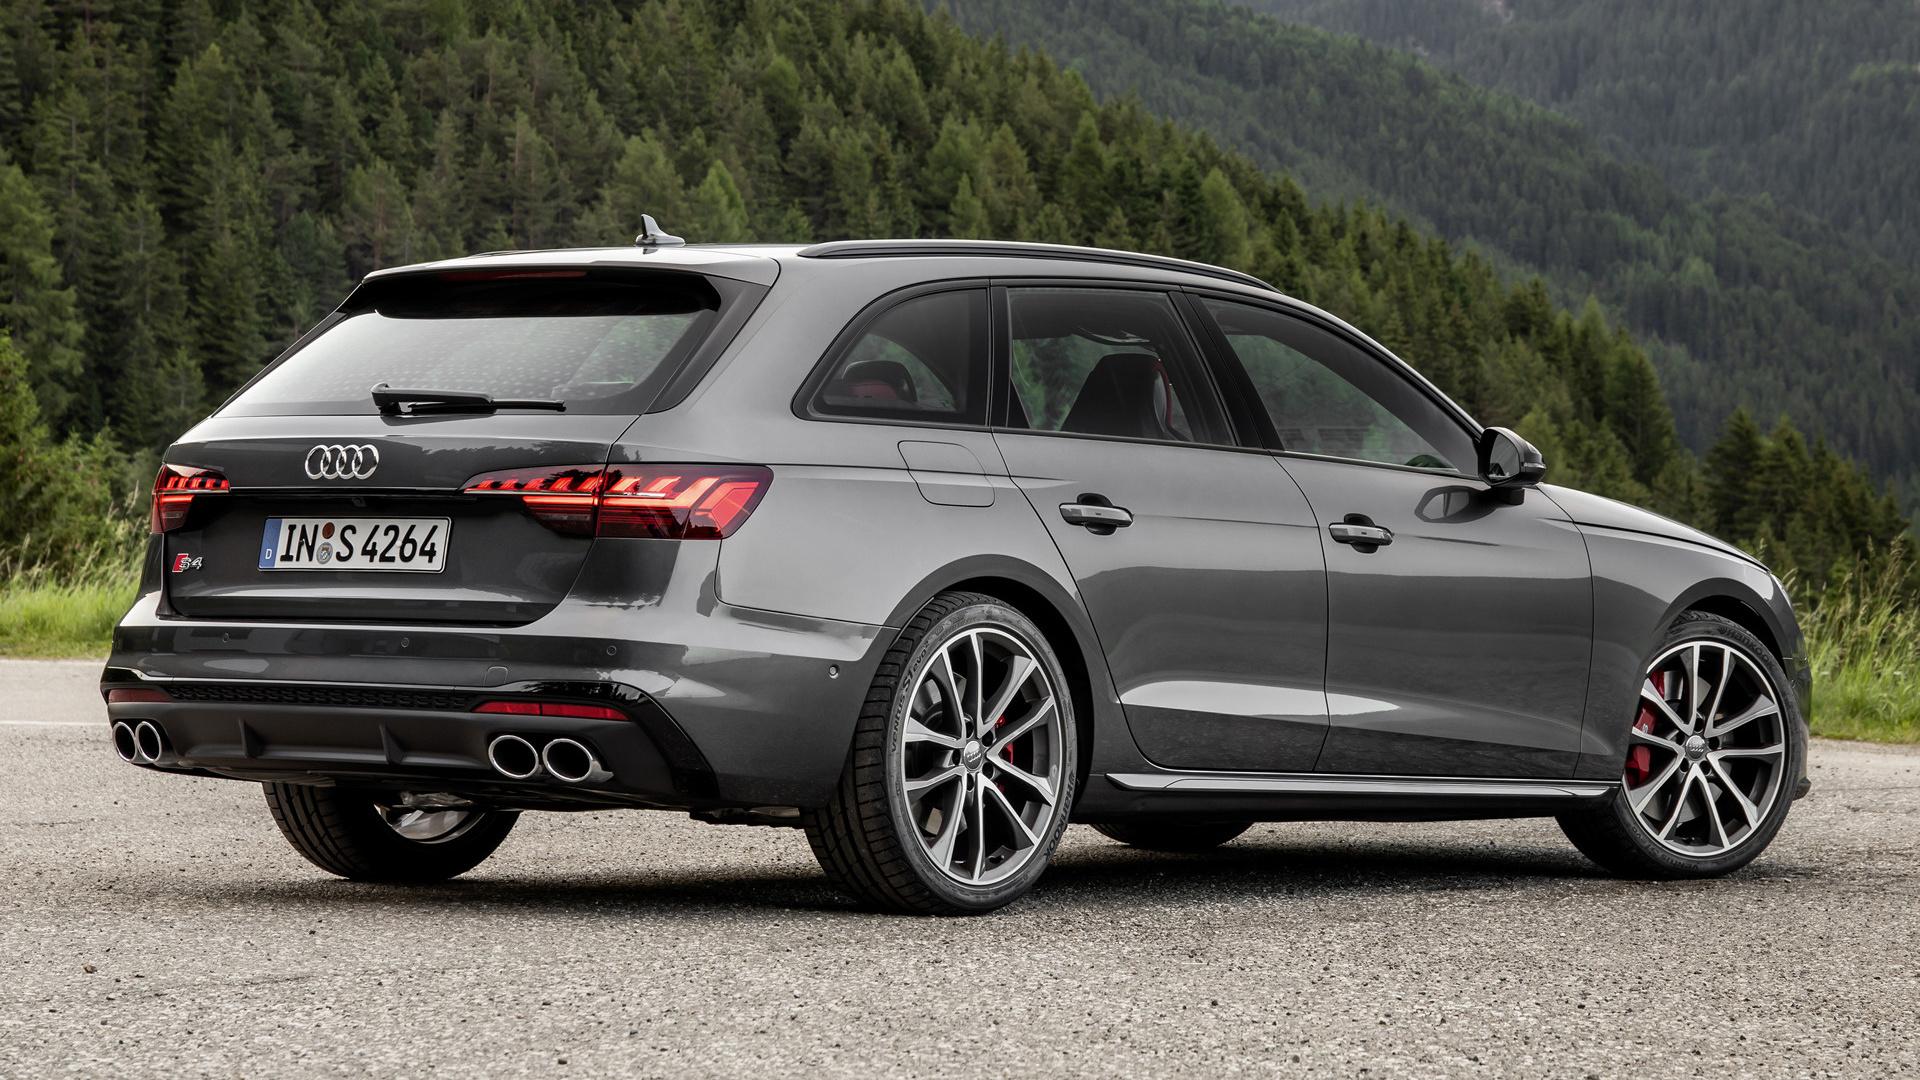 2019 Audi S4 Avant Sfondi E Immagini Hd Per Desktop